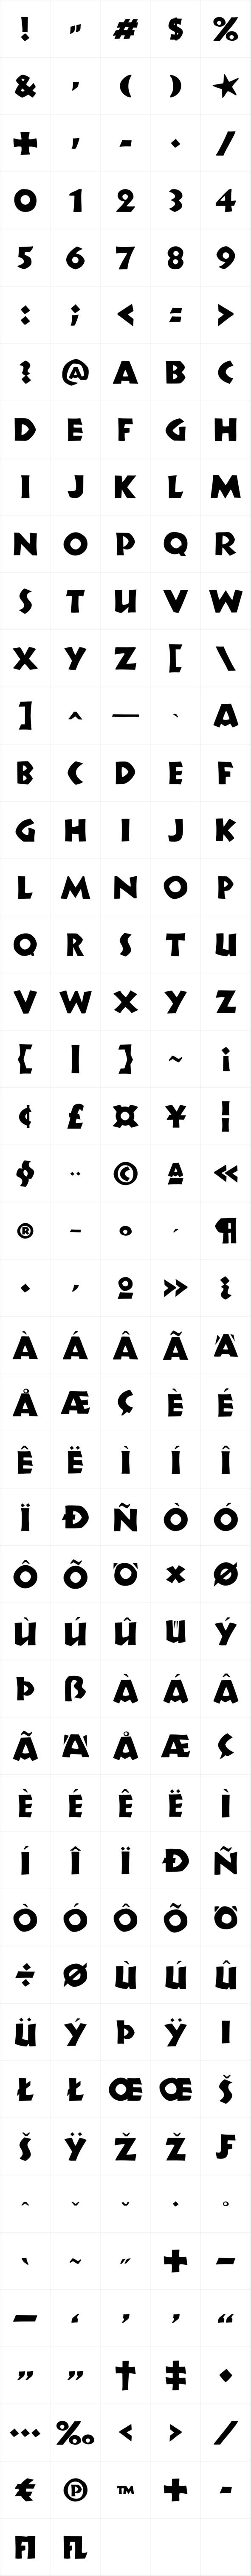 P22 Koch Signs Set